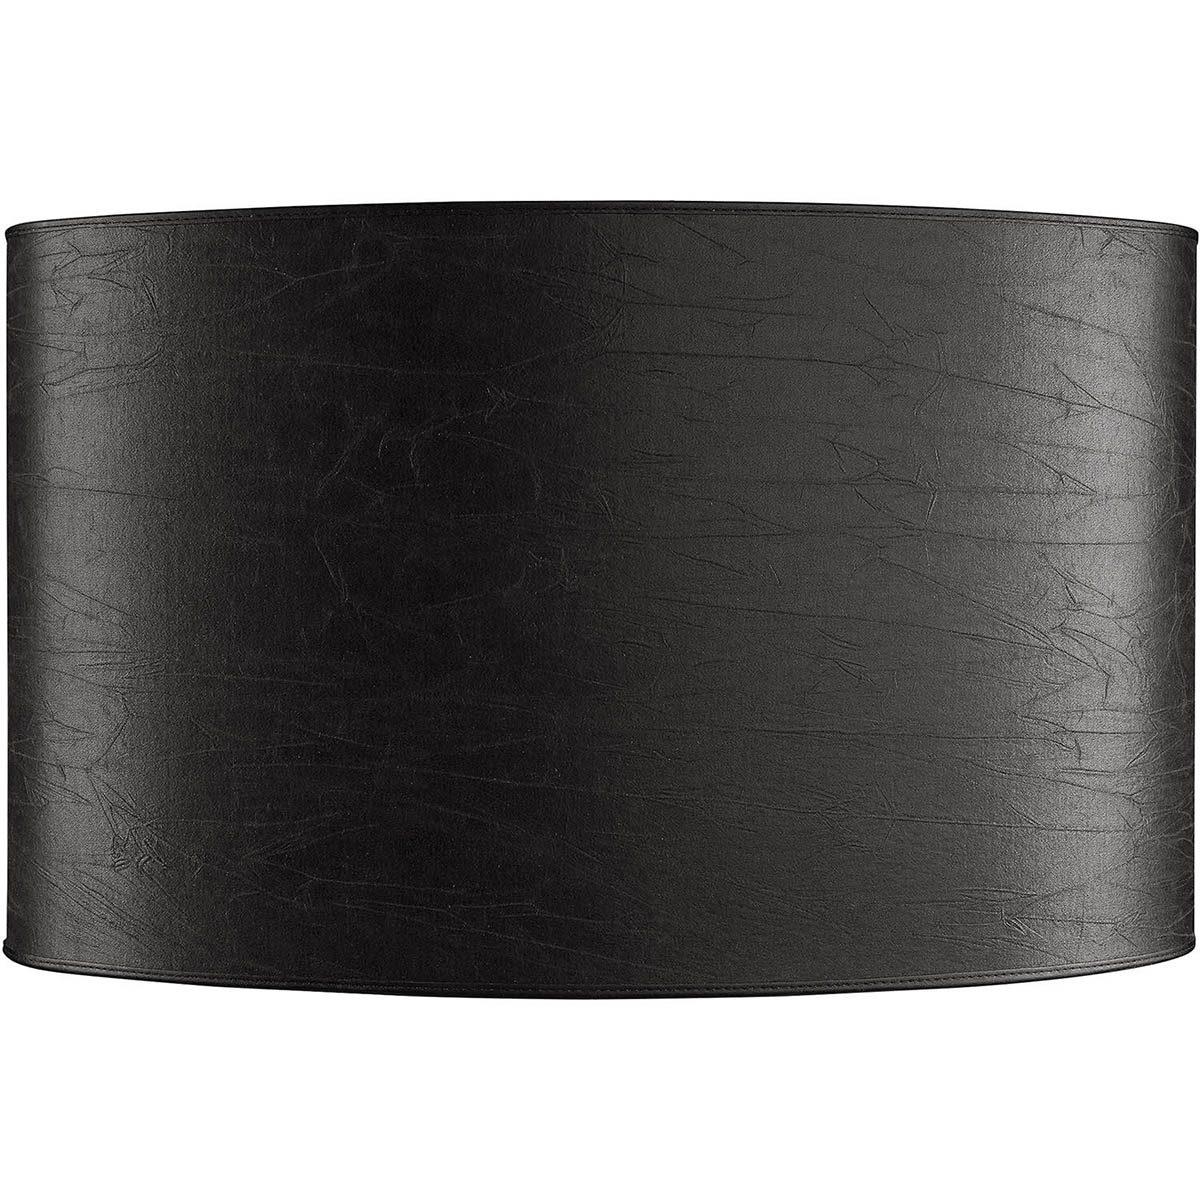 Oval lampskärm i svart från Artwood.